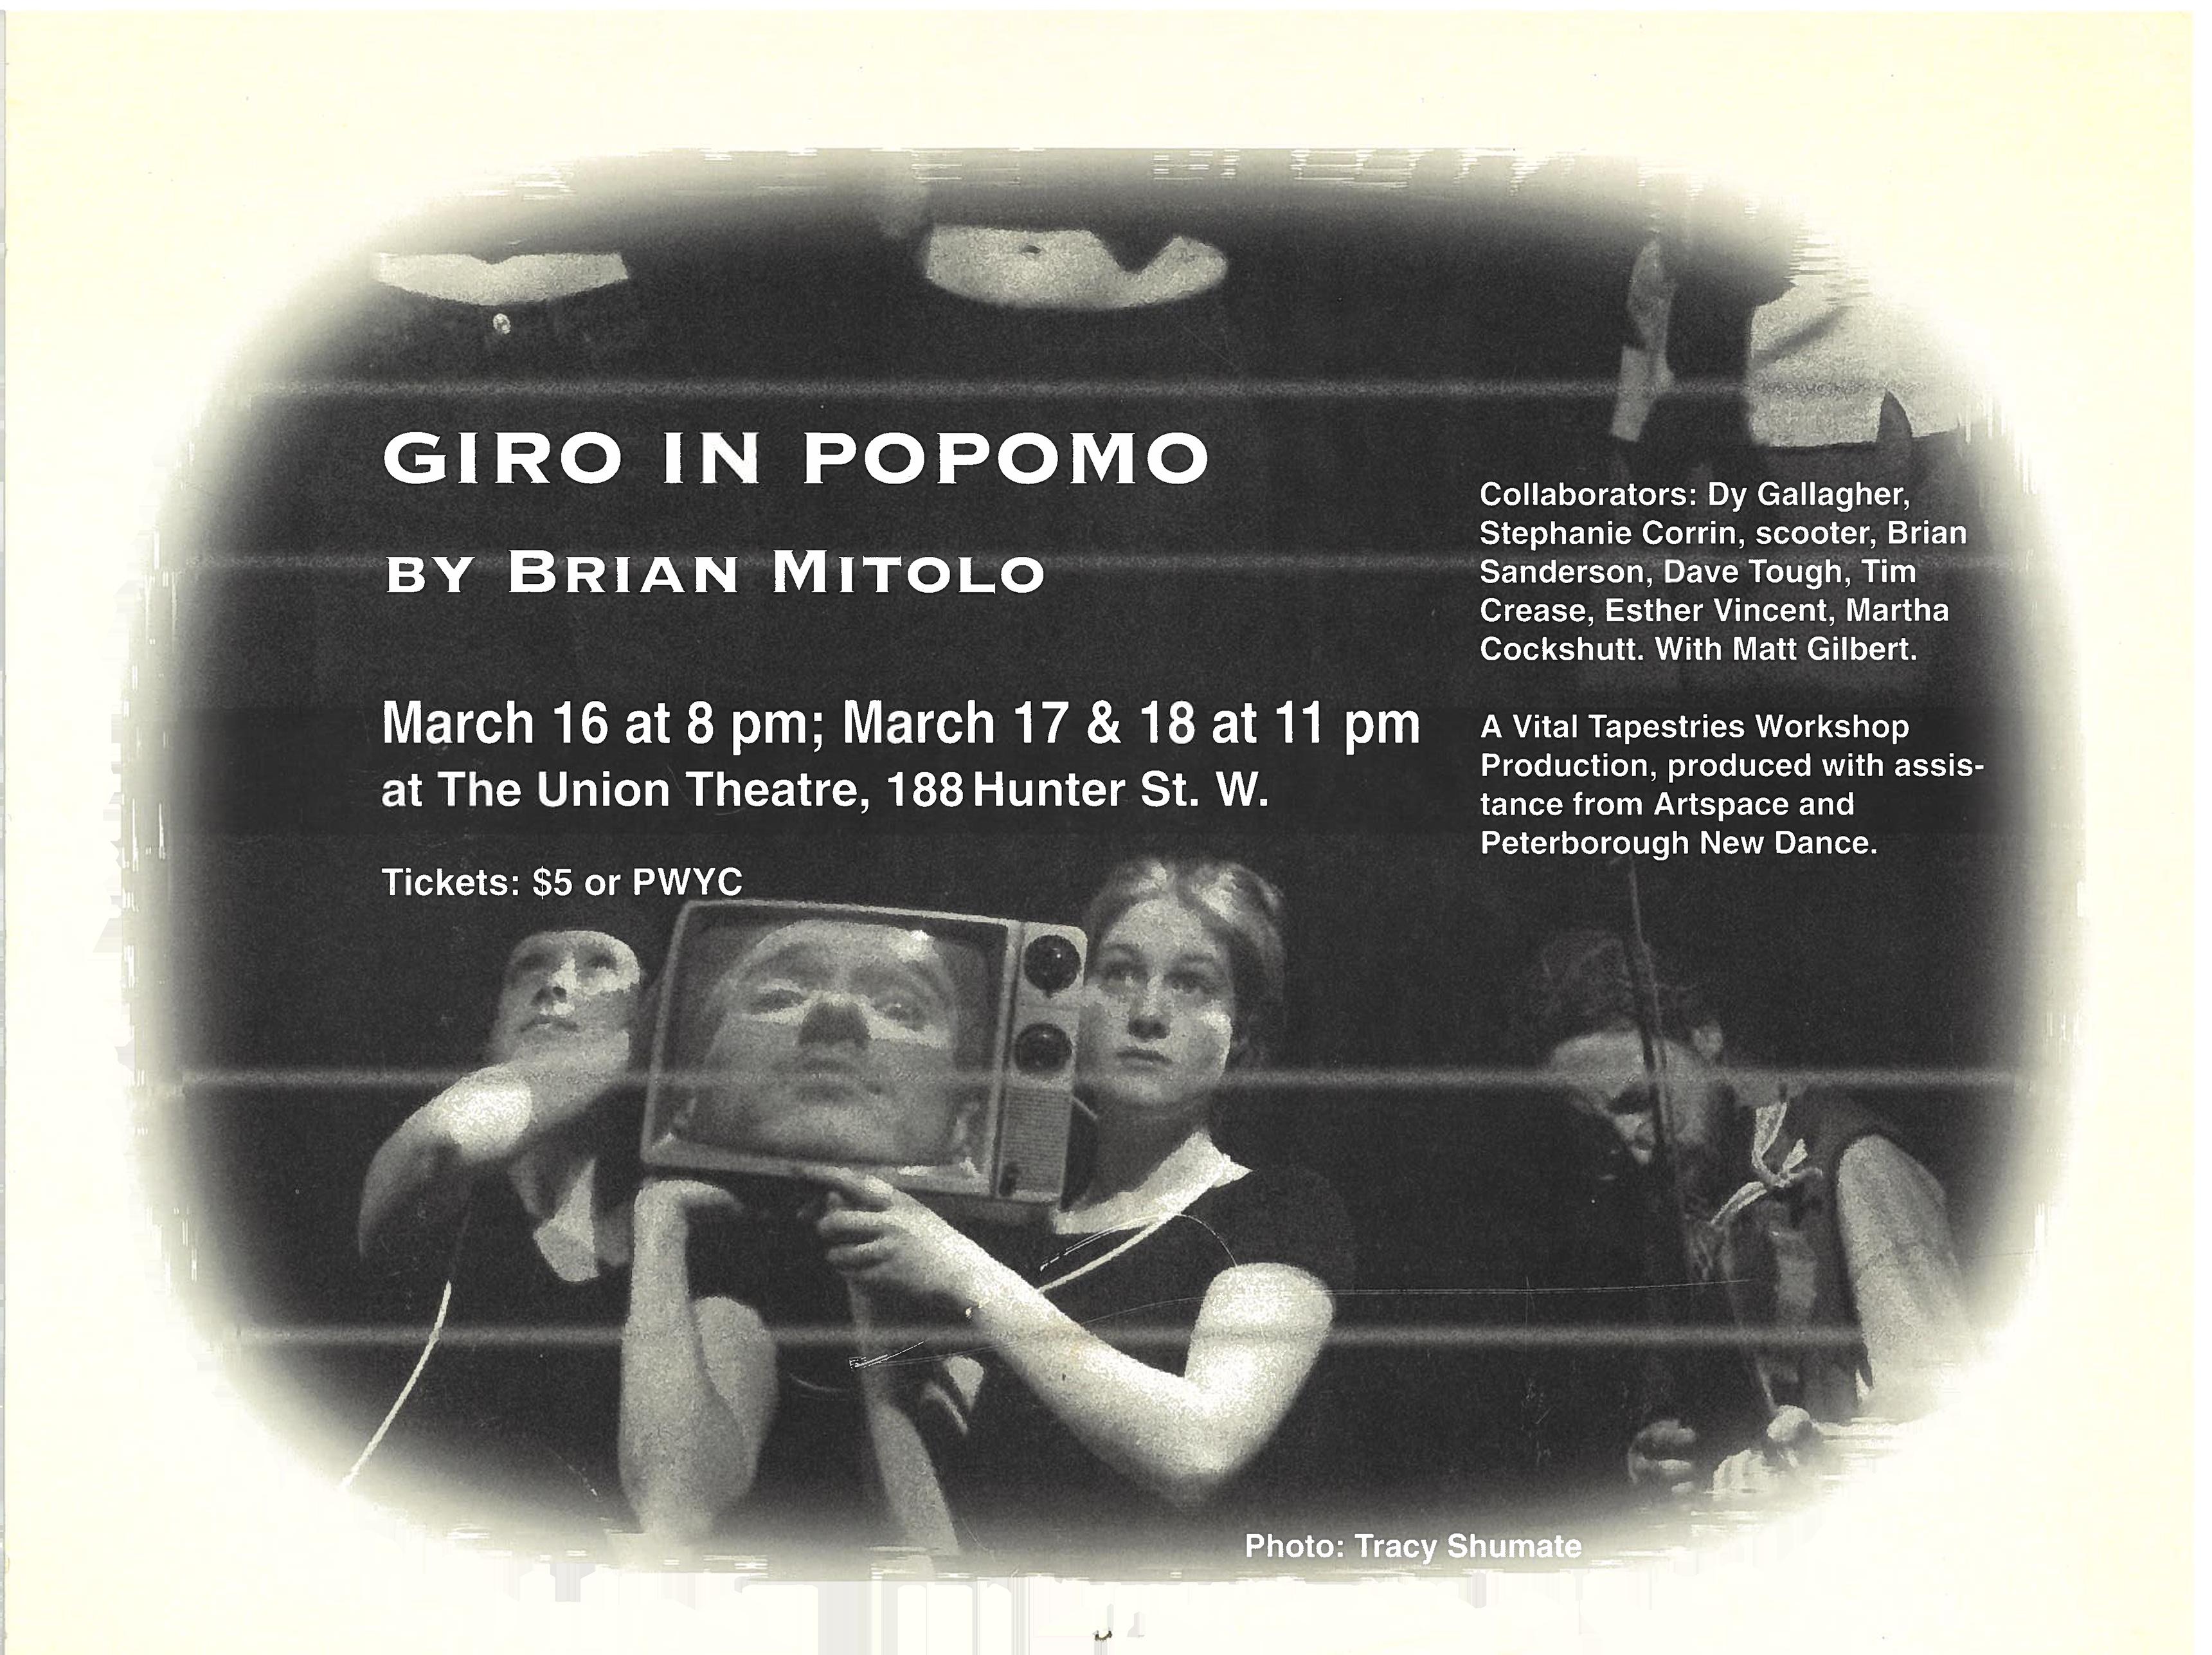 Giro In Popomo Poster for Giro in Popomo in the photo.